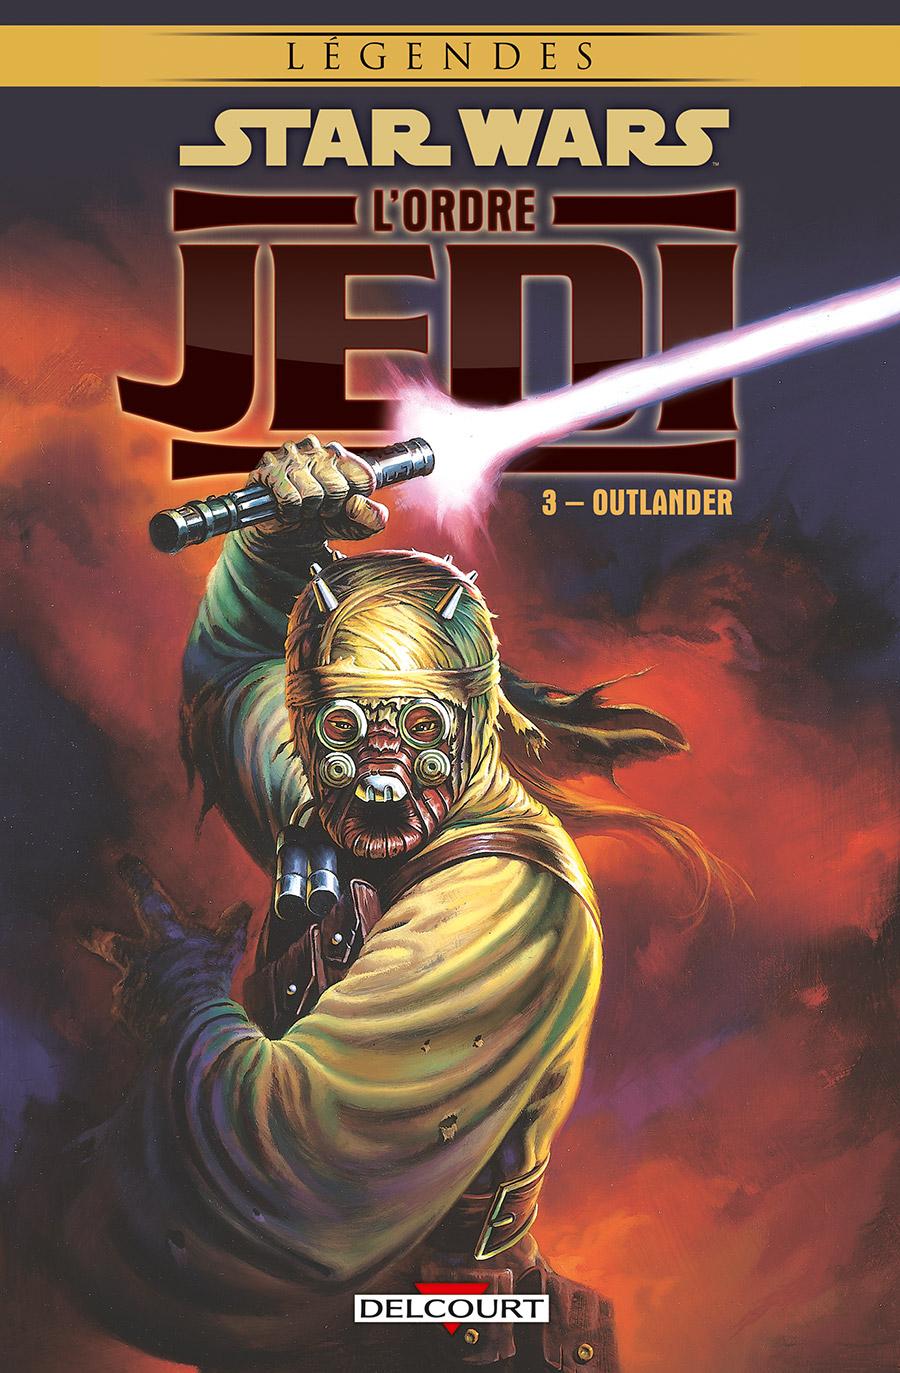 Star Wars - L'Ordre Jedi 3 - Outlander